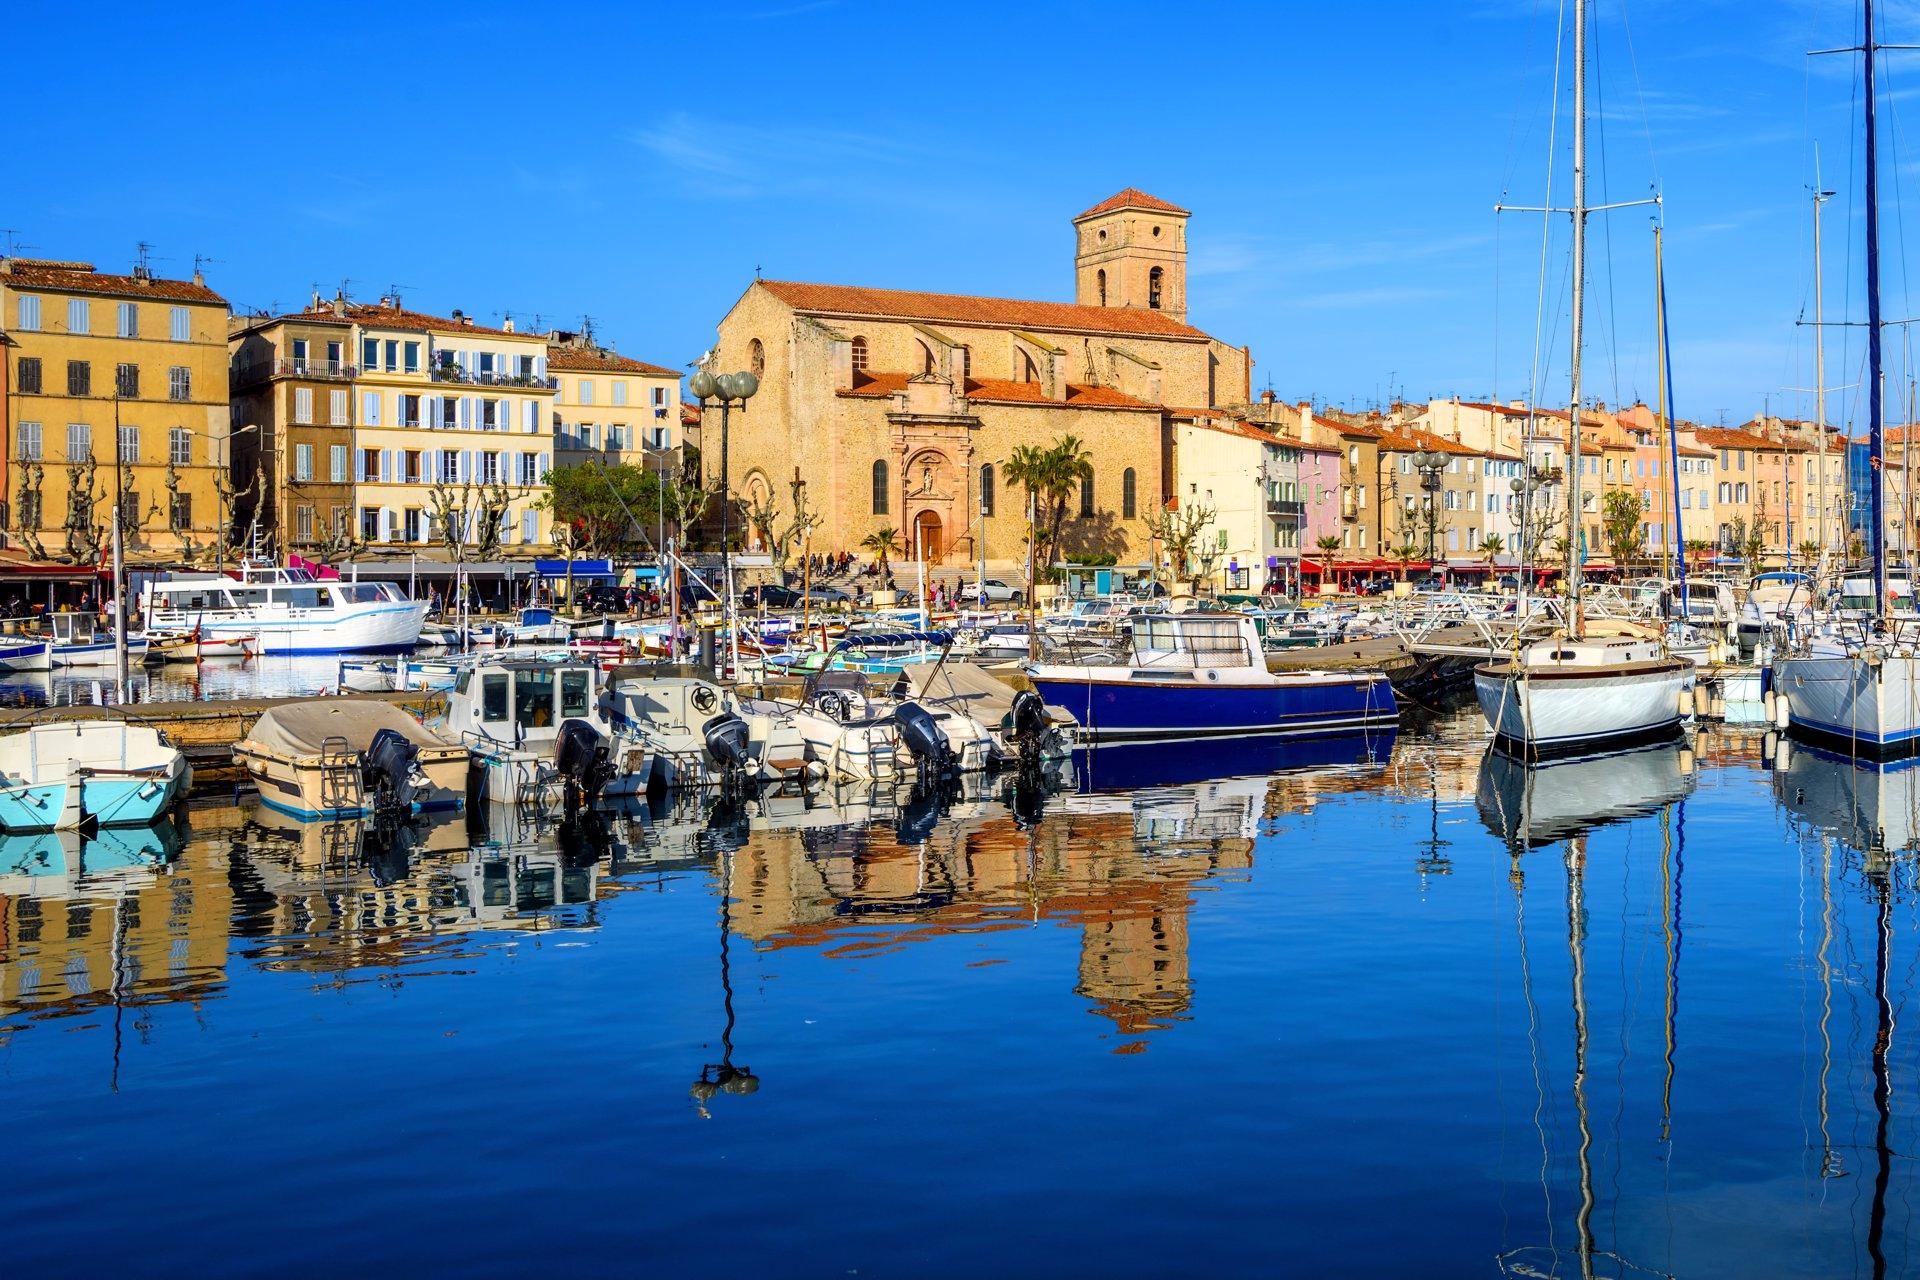 St.-Cyr-Sur-Mer